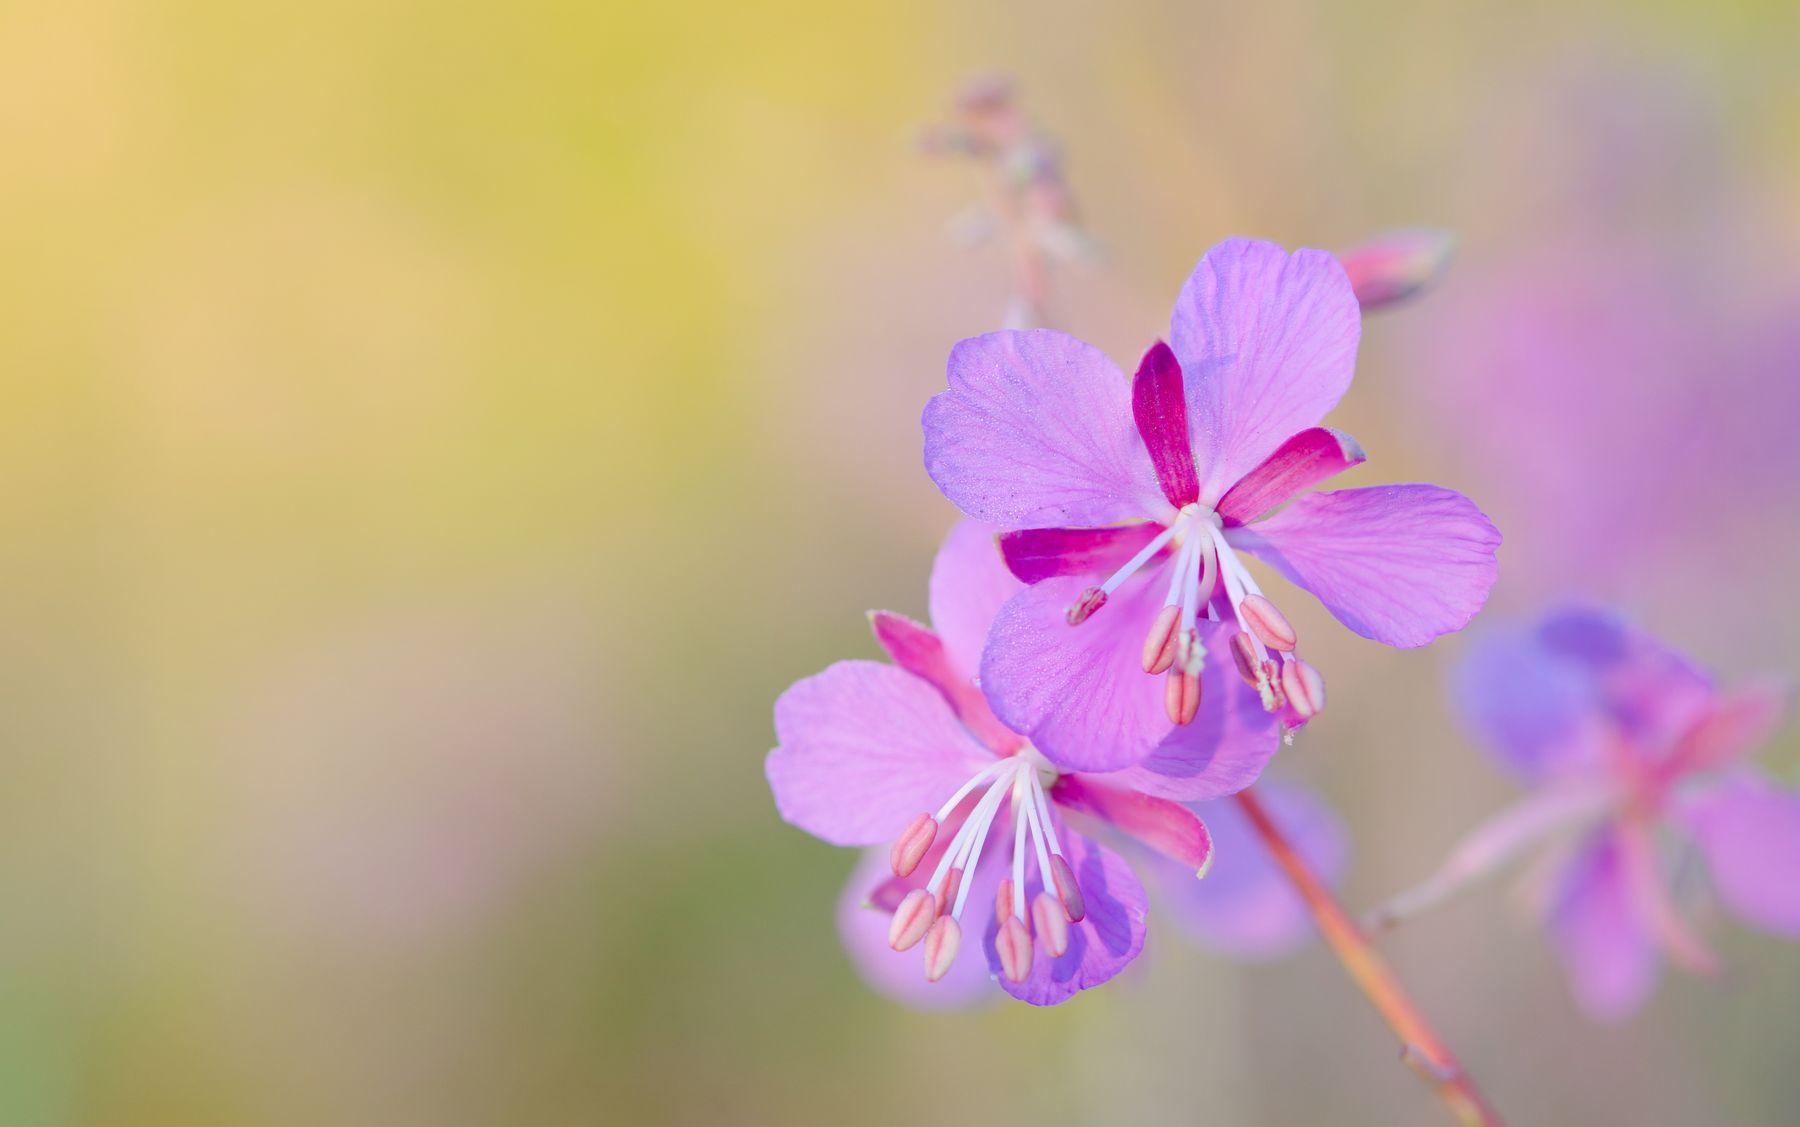 ИВАН-ЧАЙ - ЭТО ИЮЛЬ! полевые цветы Иван-чай